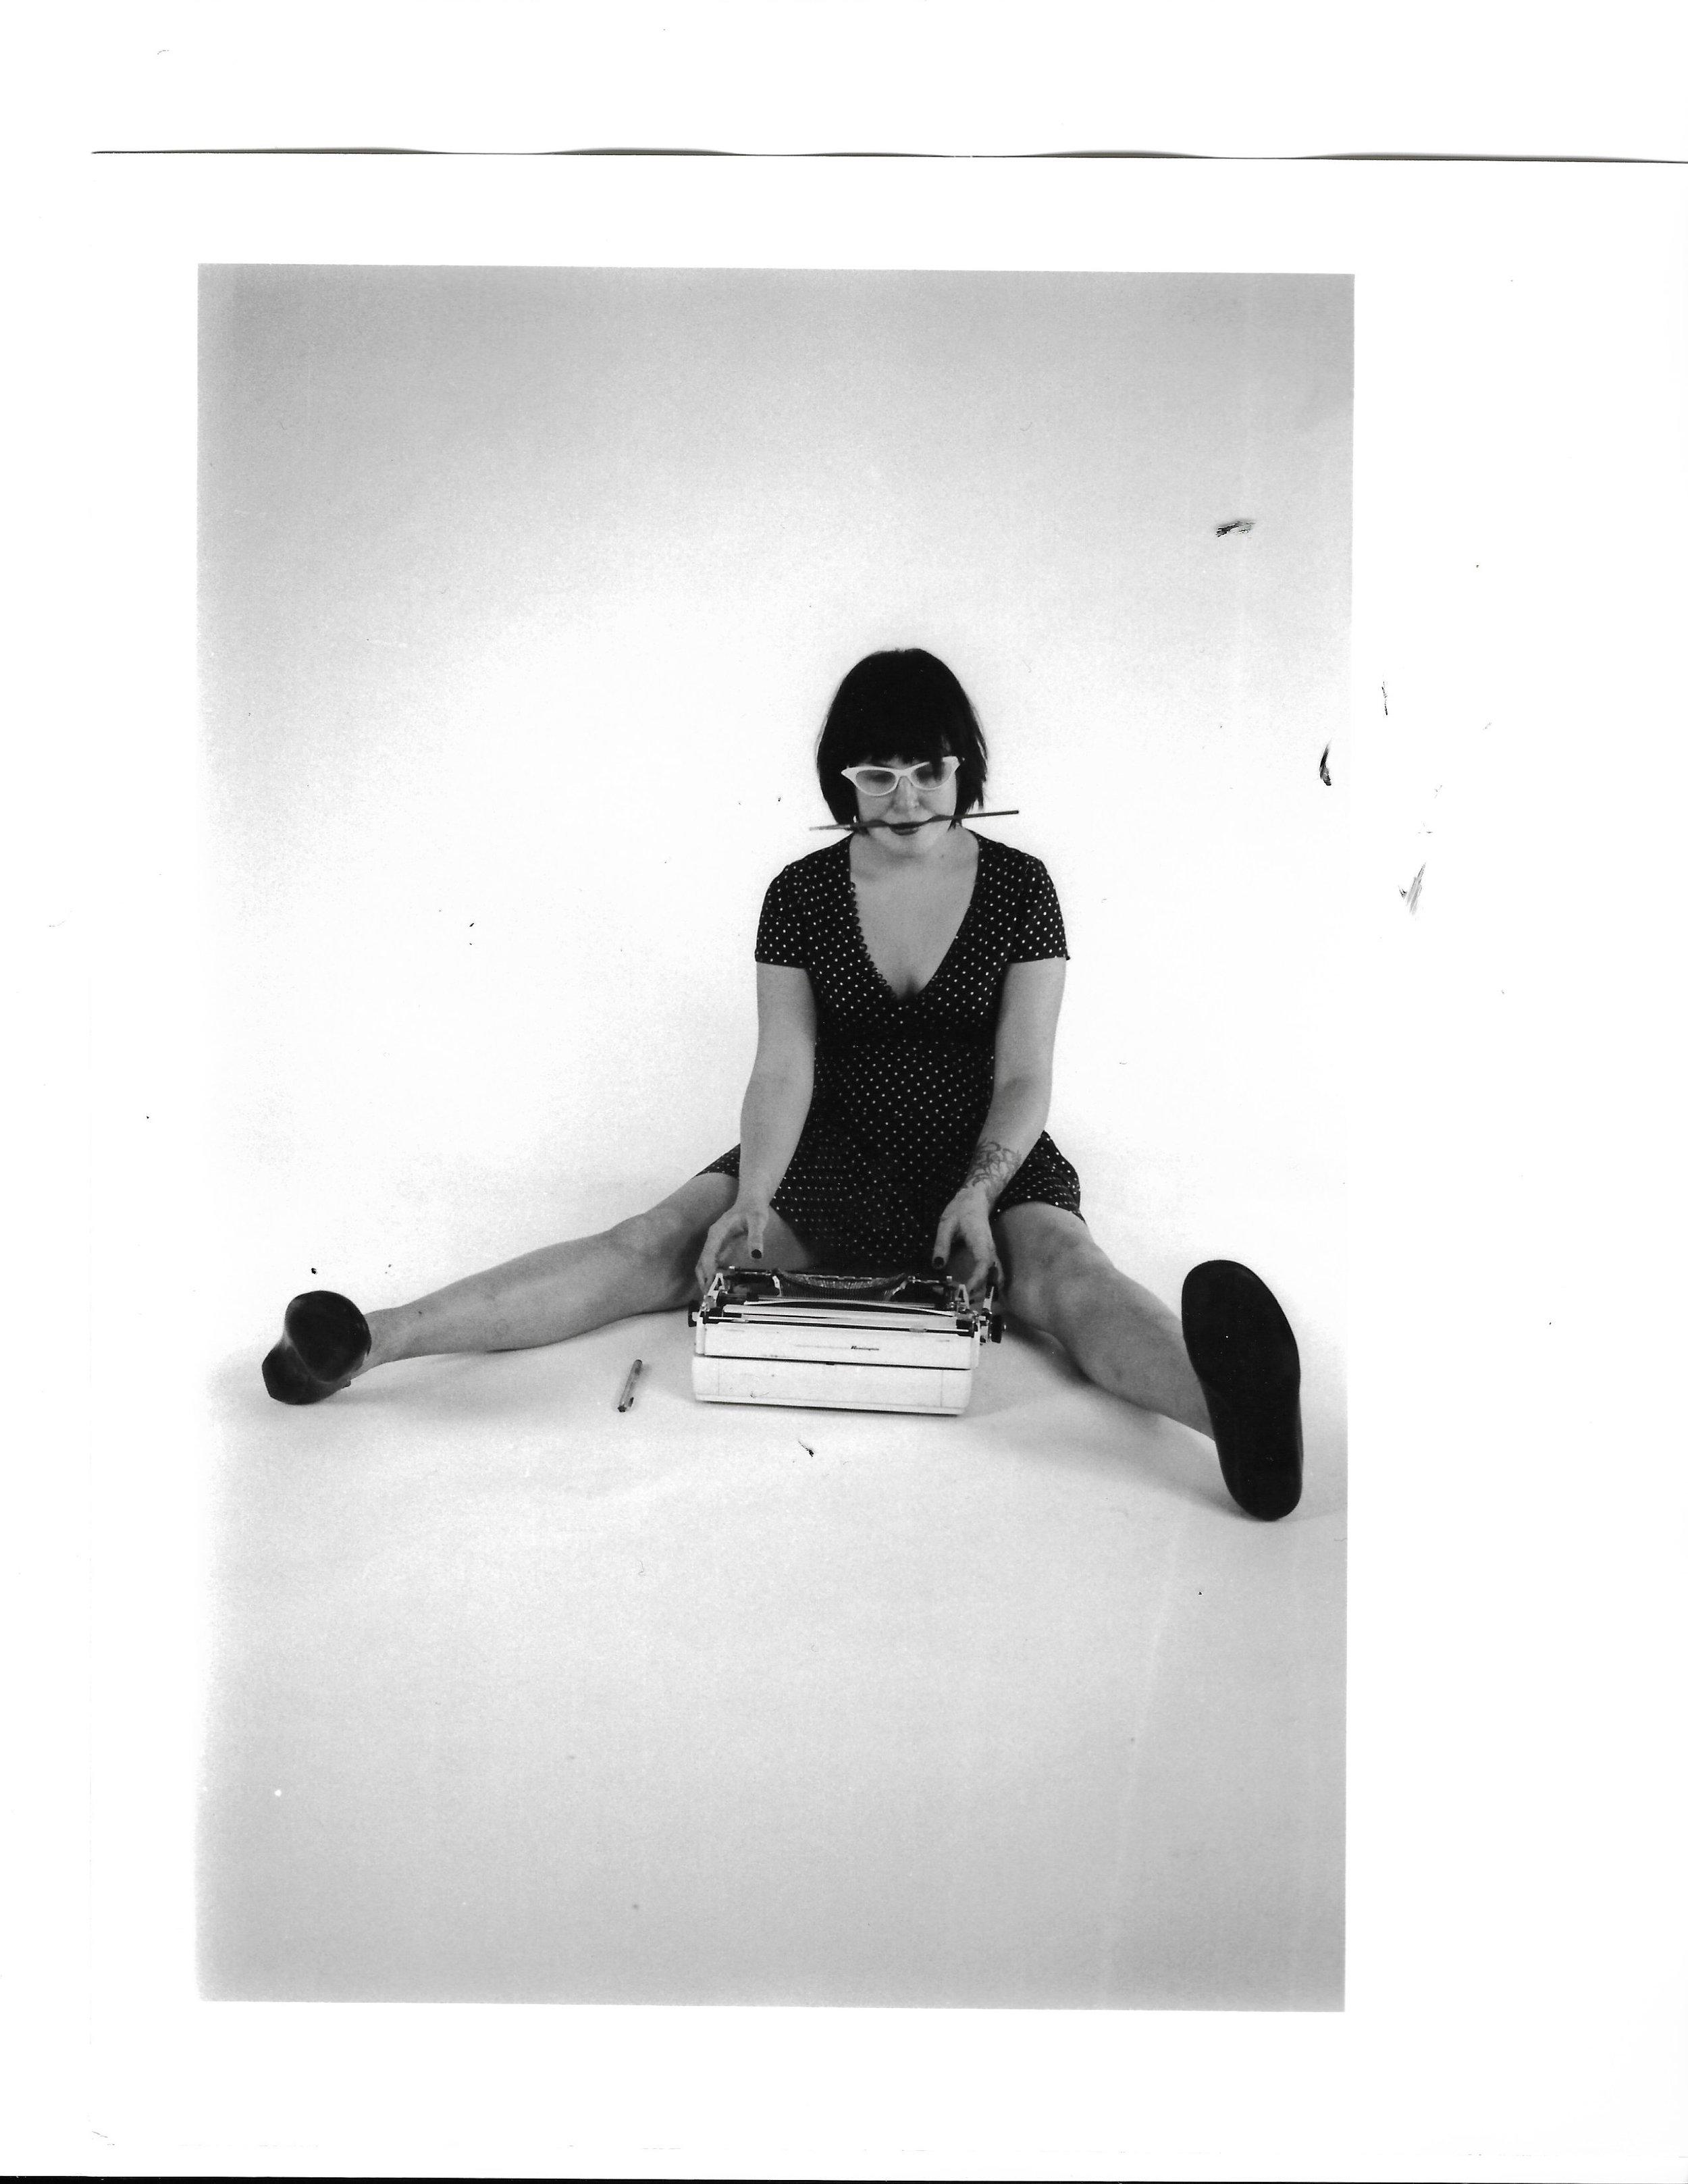 dorie, sva studio // 2004, nyc, 35mm b&w film